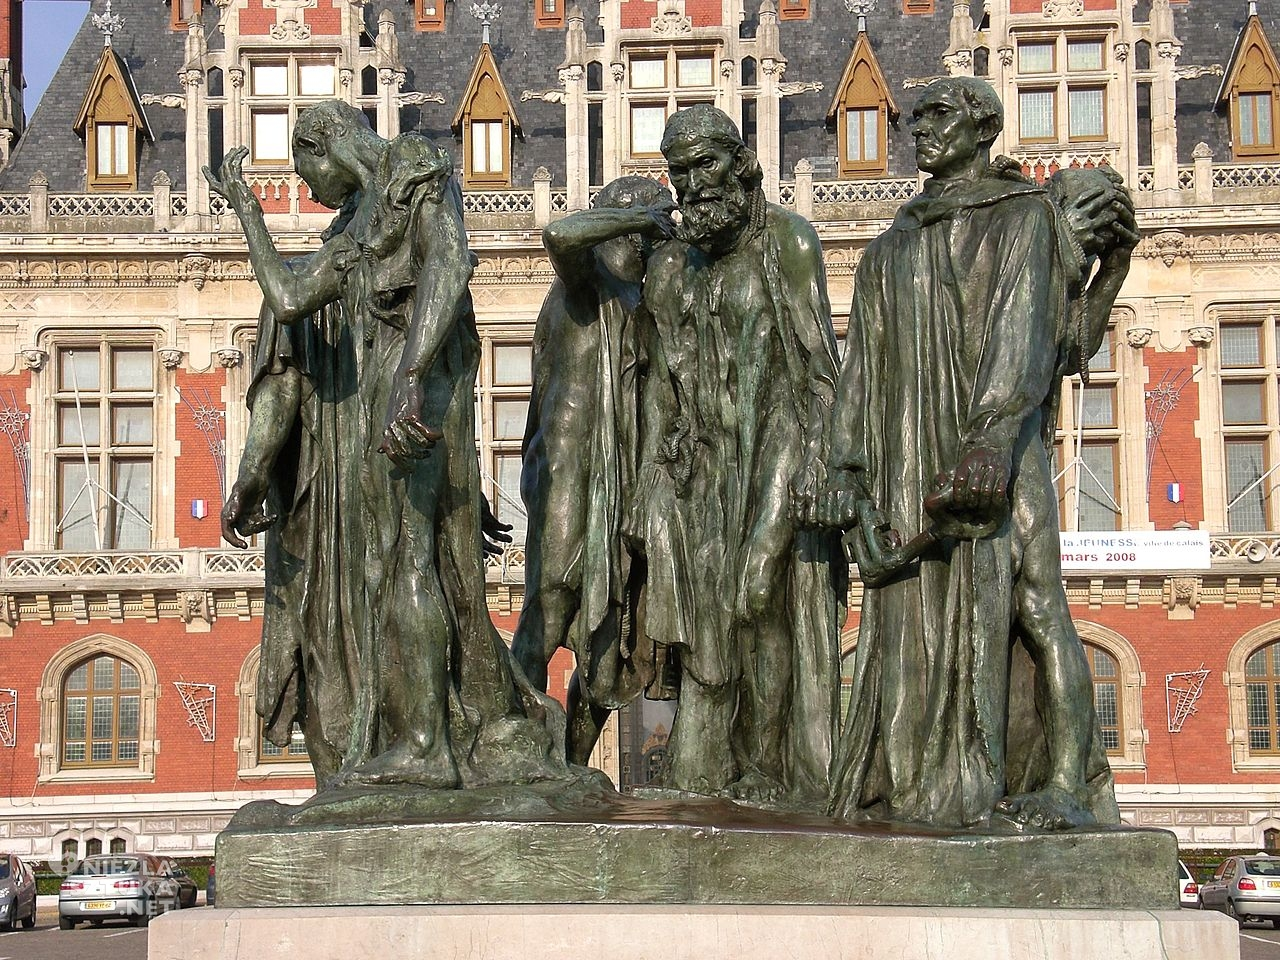 Augsute Rodin, Mieszczanie z Calais, 1884-1889, źródło : wikipedia.org